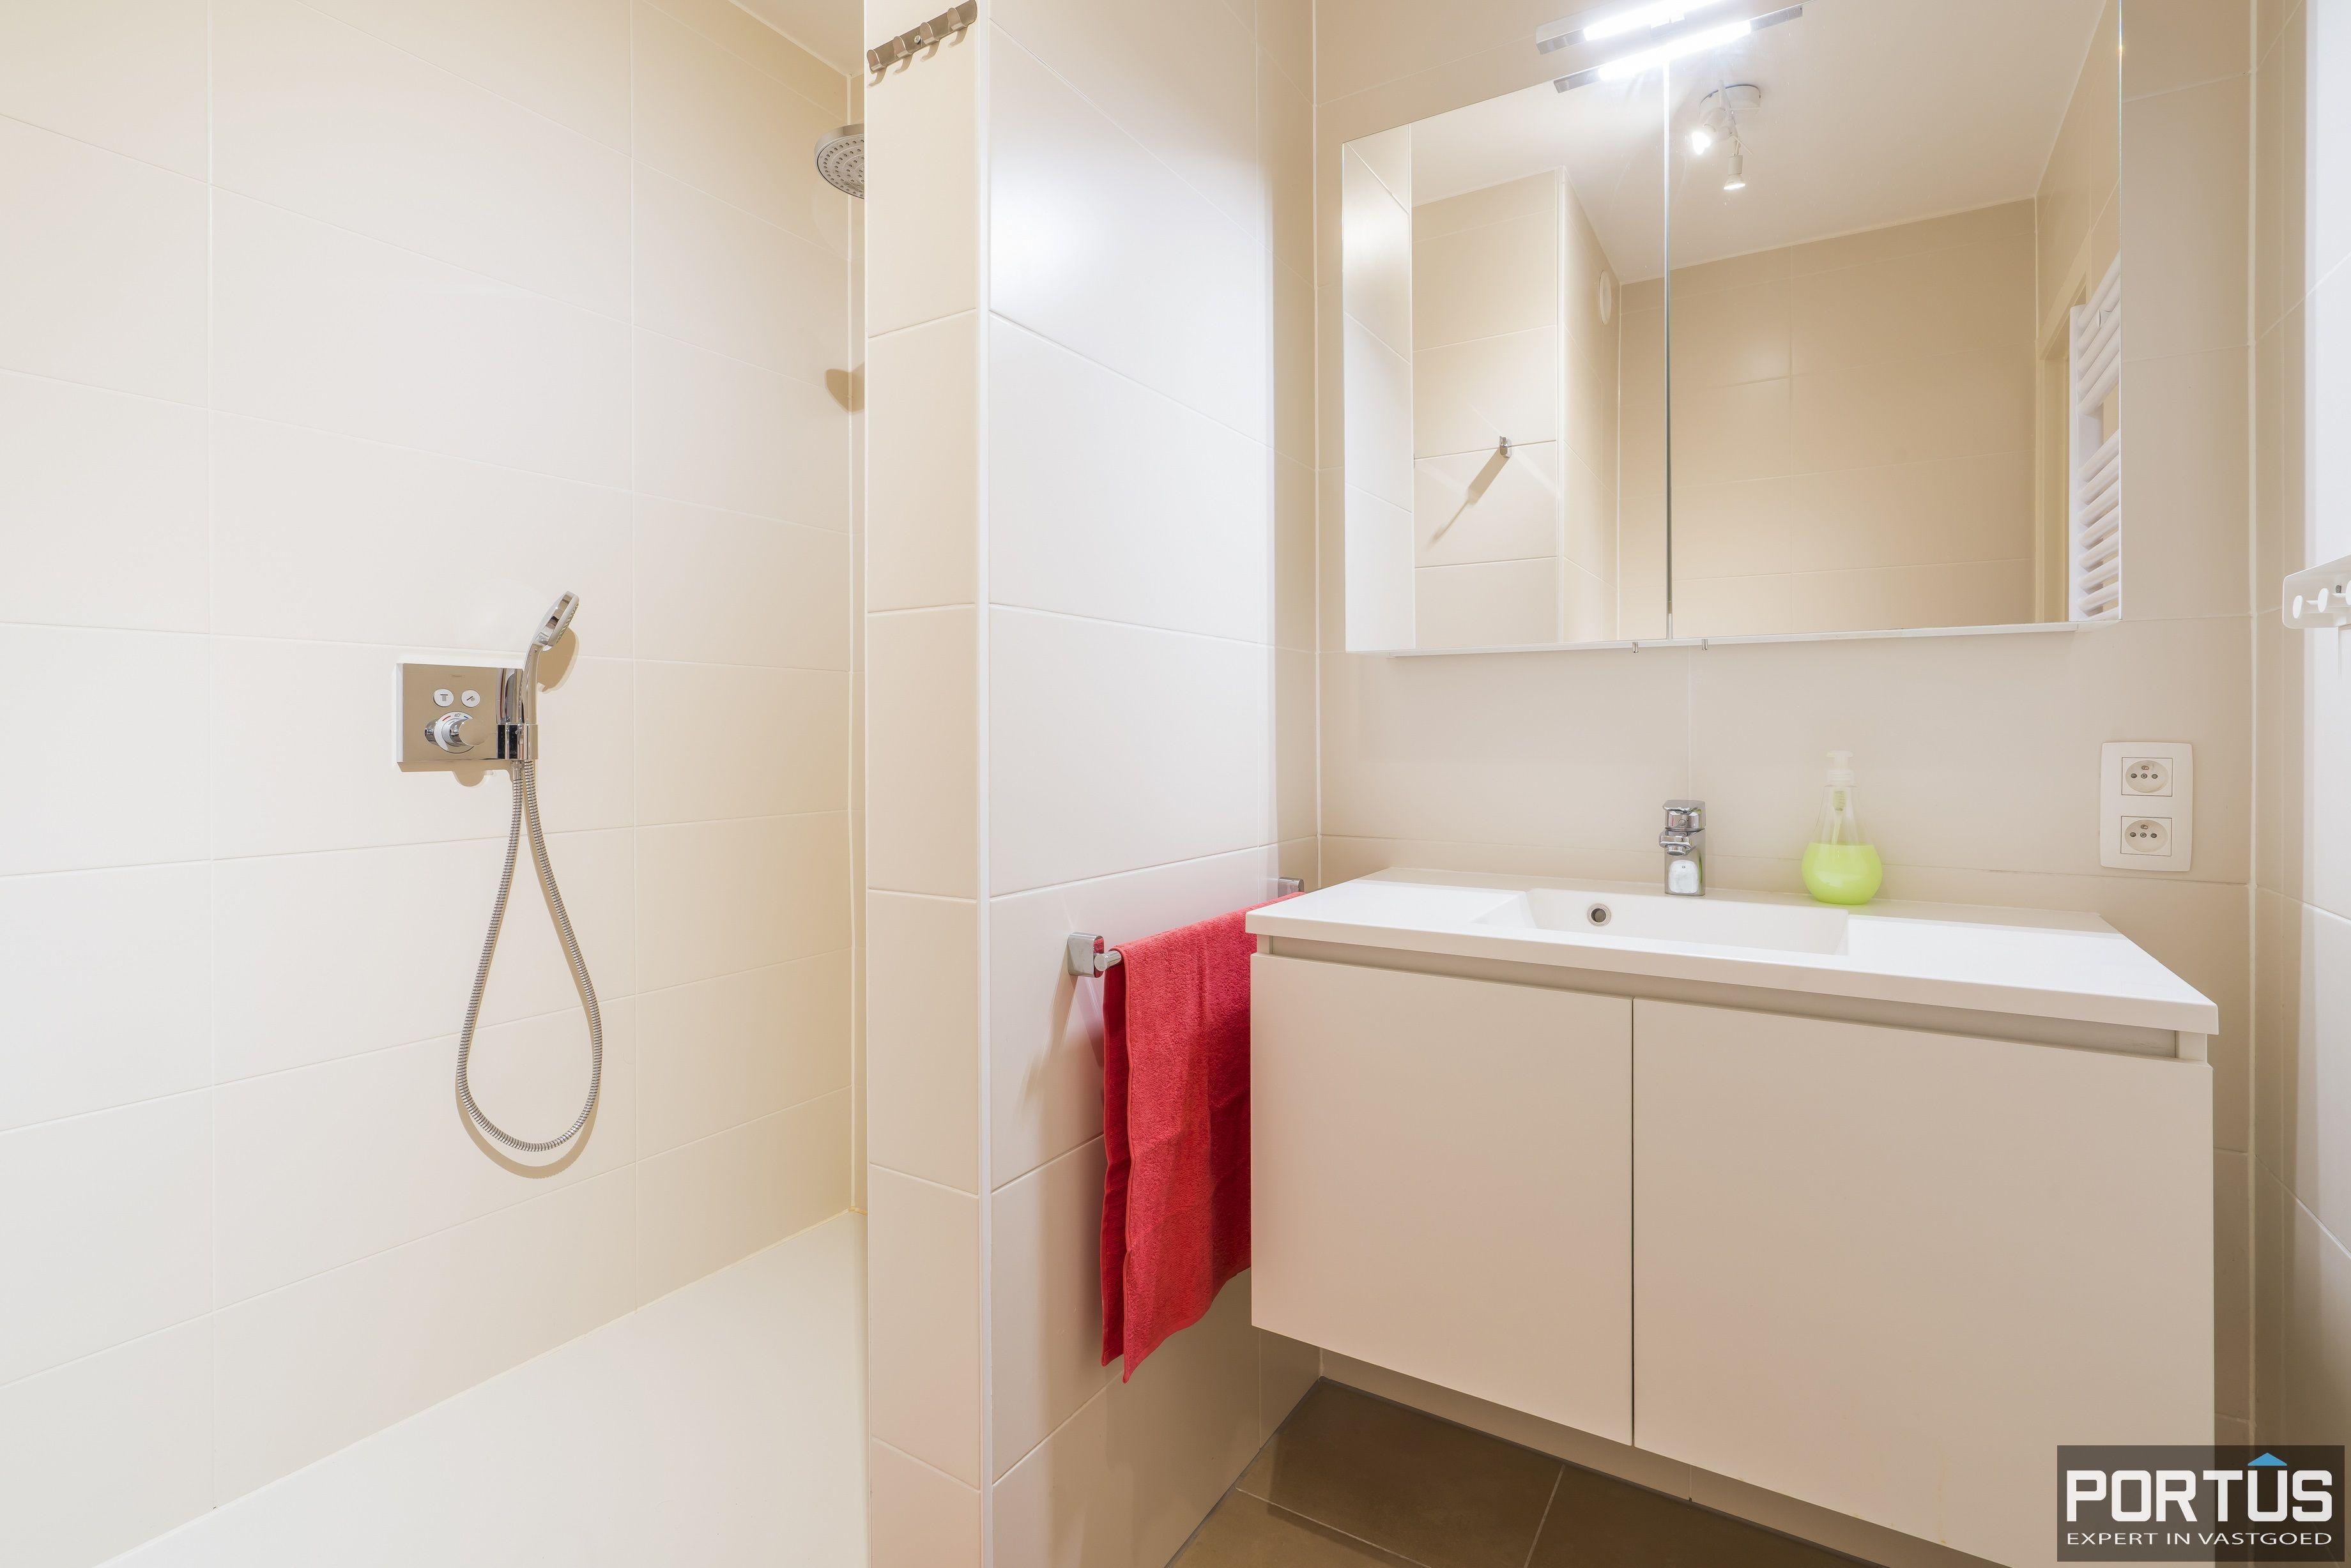 Instapklaar appartement te koop met prachtig zicht op Maritiem park te Nieuwpoort - 12581